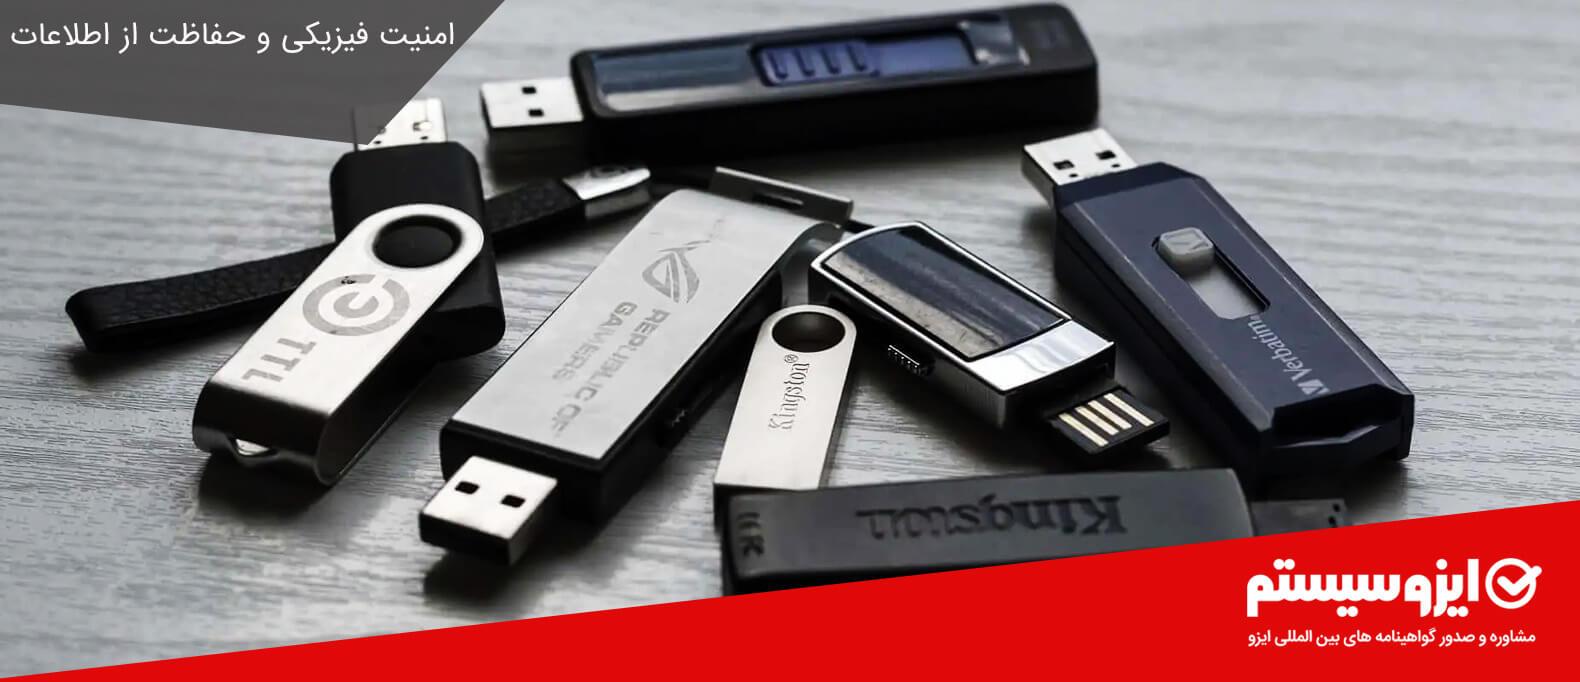 امنیت فیزیکی و حفاظت از اطلاعات